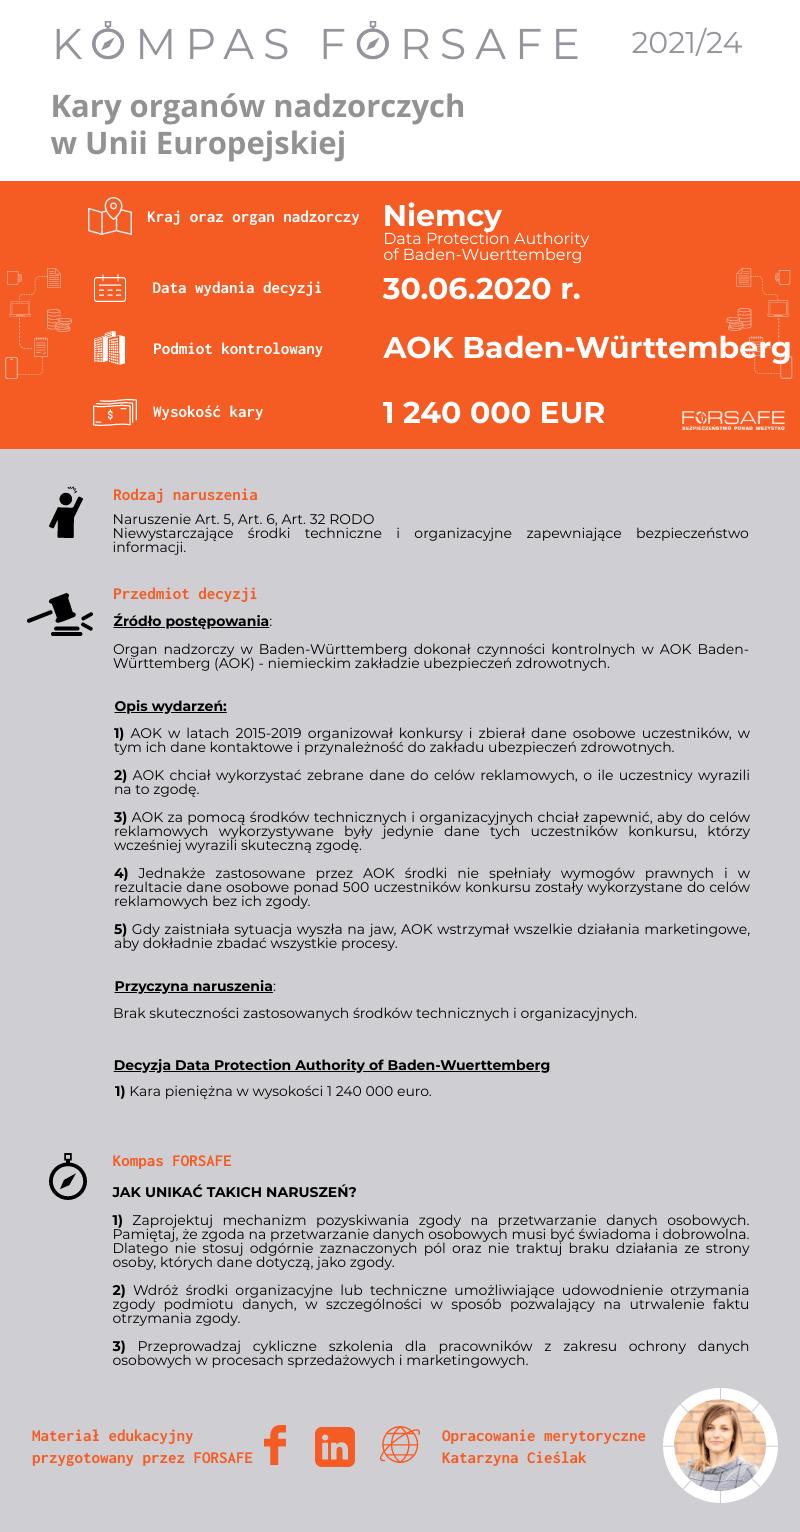 Kompas FORSAFE EU 2021 24 KOMPAS FORSAFE EU 2021/24 - Kara dla AOK Baden-Württemberg - niemieckiego zakładu ubezpieczeń zdrowotnych.